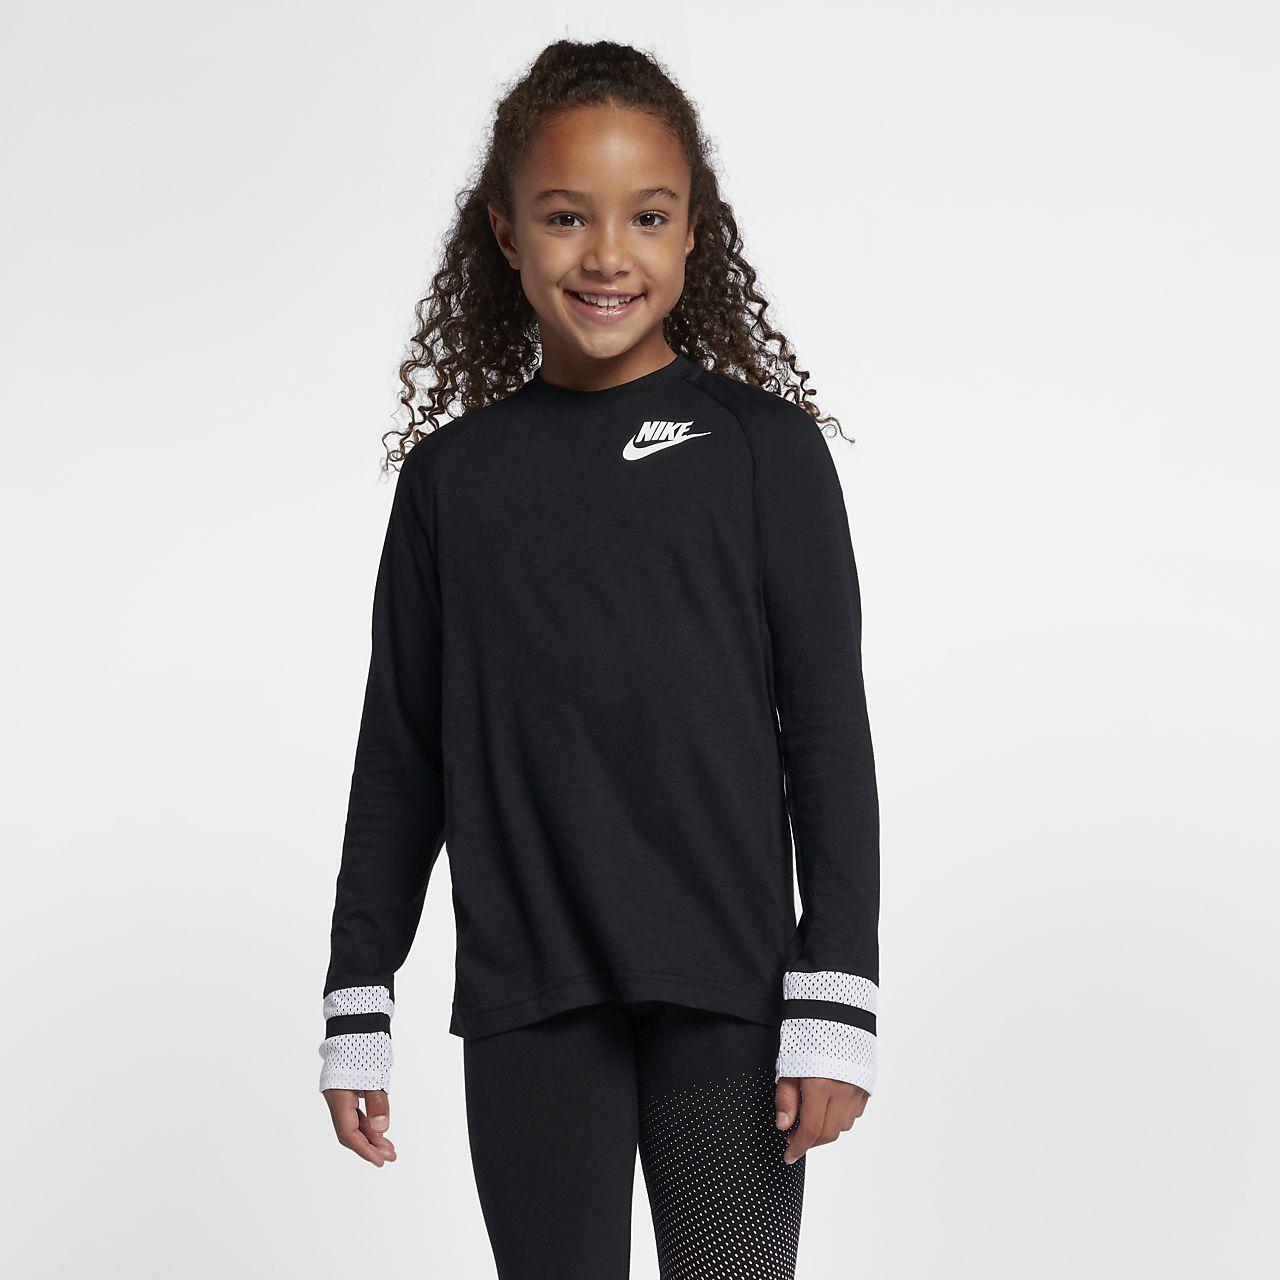 new concept 63dbc a2791 ... Långärmad tröja Nike Sportswear för ungdom (tjejer)